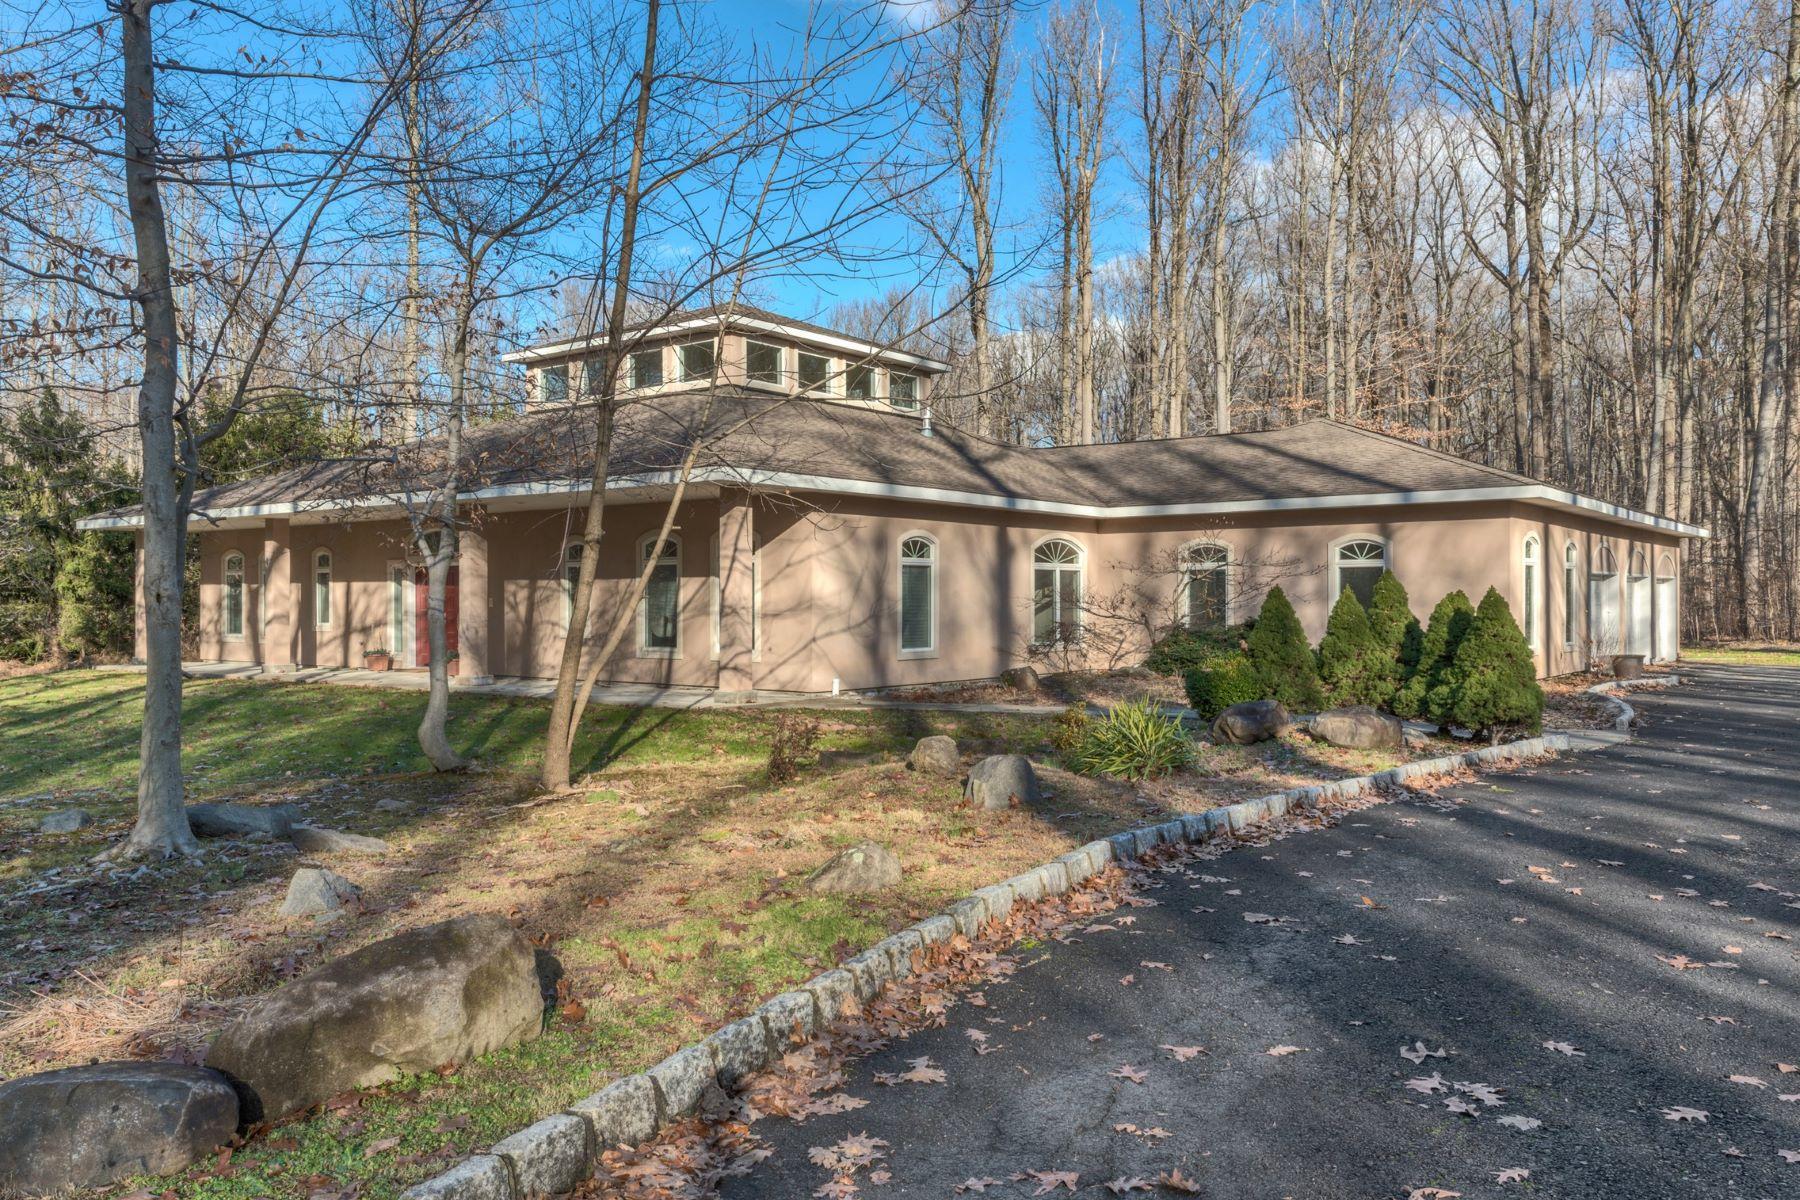 独户住宅 为 销售 在 Custom Contemporary 23 Heyhoe Woods Rd. 帕利赛兹, 纽约州 10964 美国